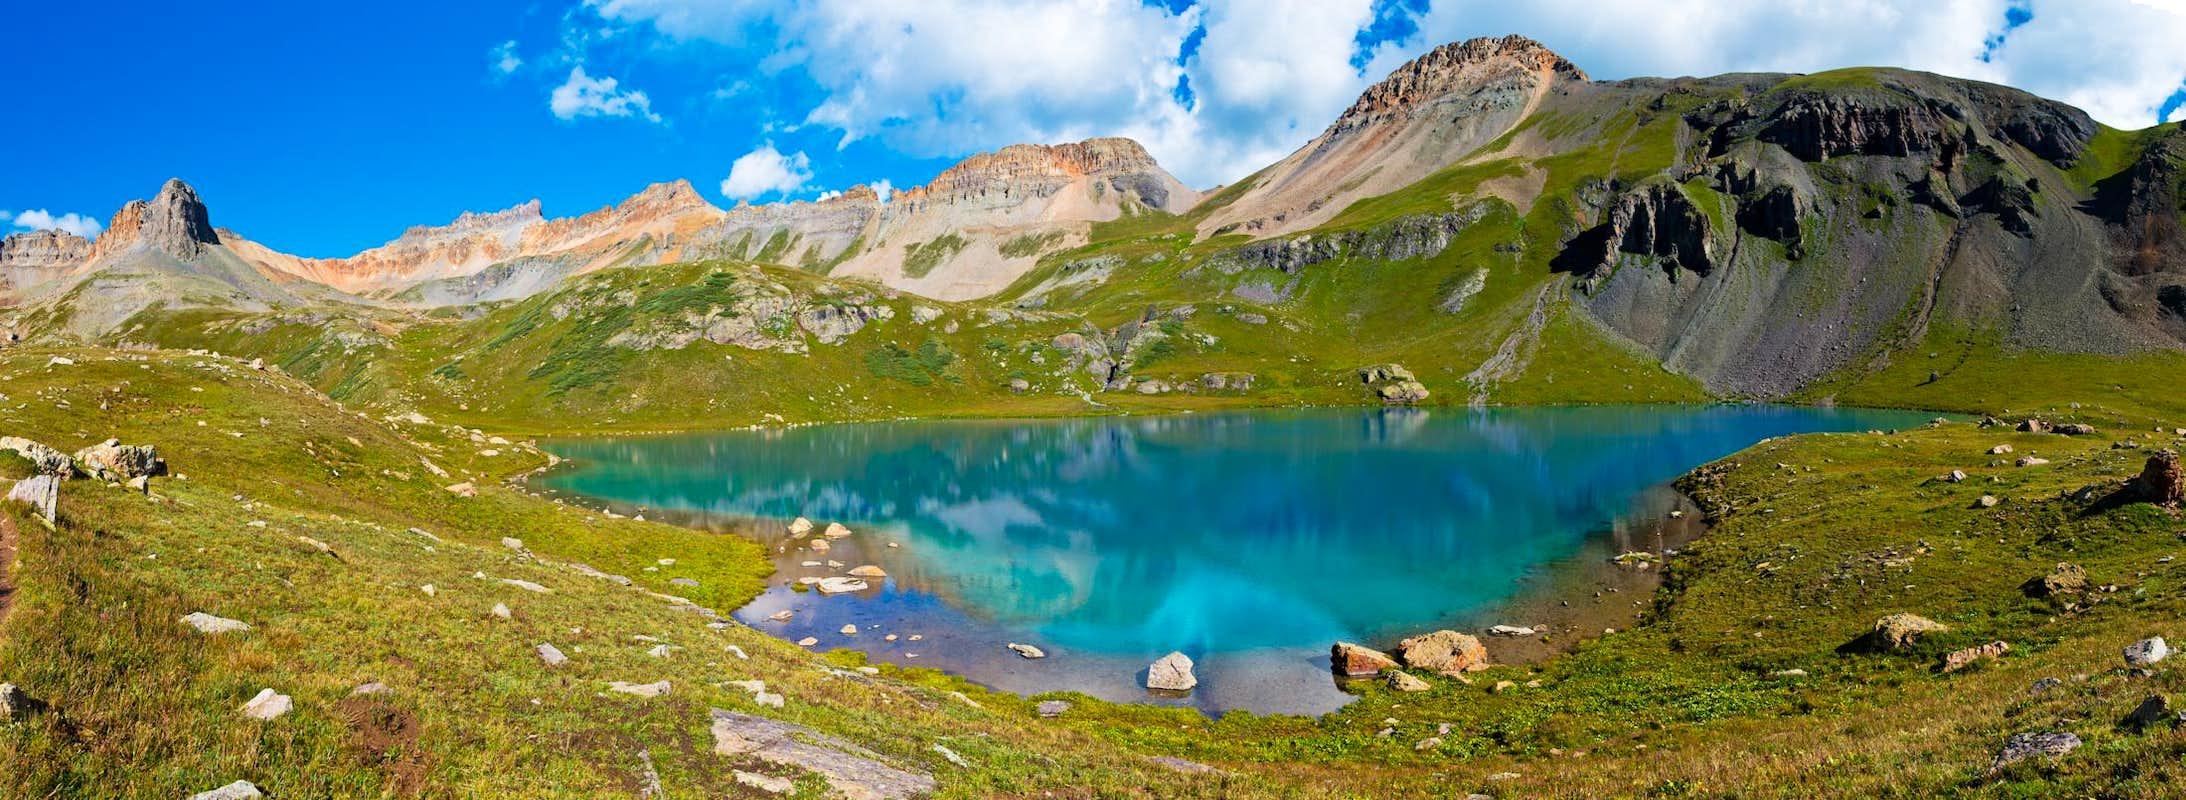 Ice Lake Basin : Photos, Diagrams & Topos : SummitPost